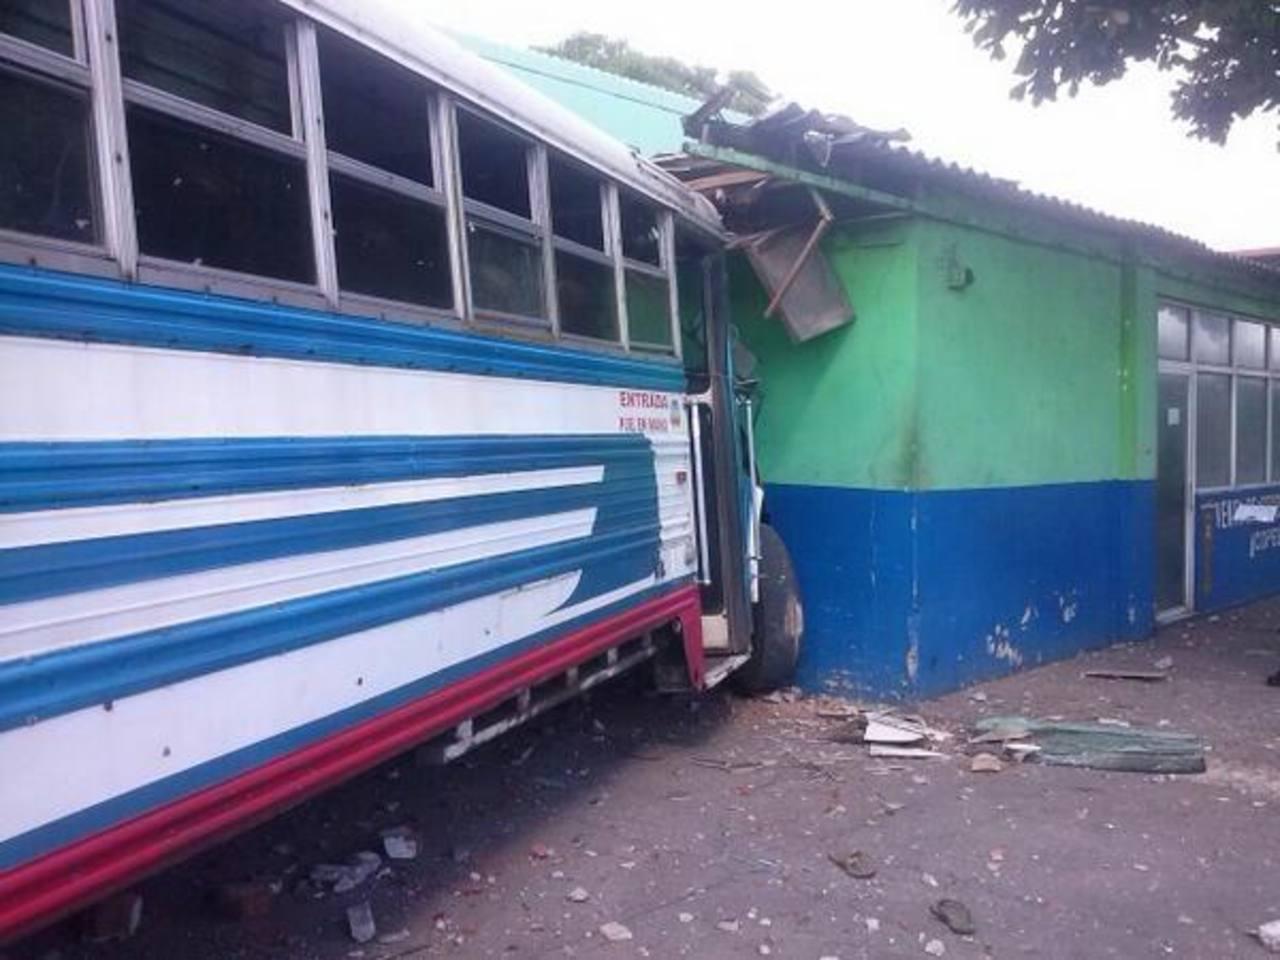 Un autobús de la ruta 80-B que viaja entre El Majahual y el Puerto de La Libertad chocó contra una cooperativa de pescadores, frente al Malecón, tras asalto. Foto cortesía Kevin Salazar